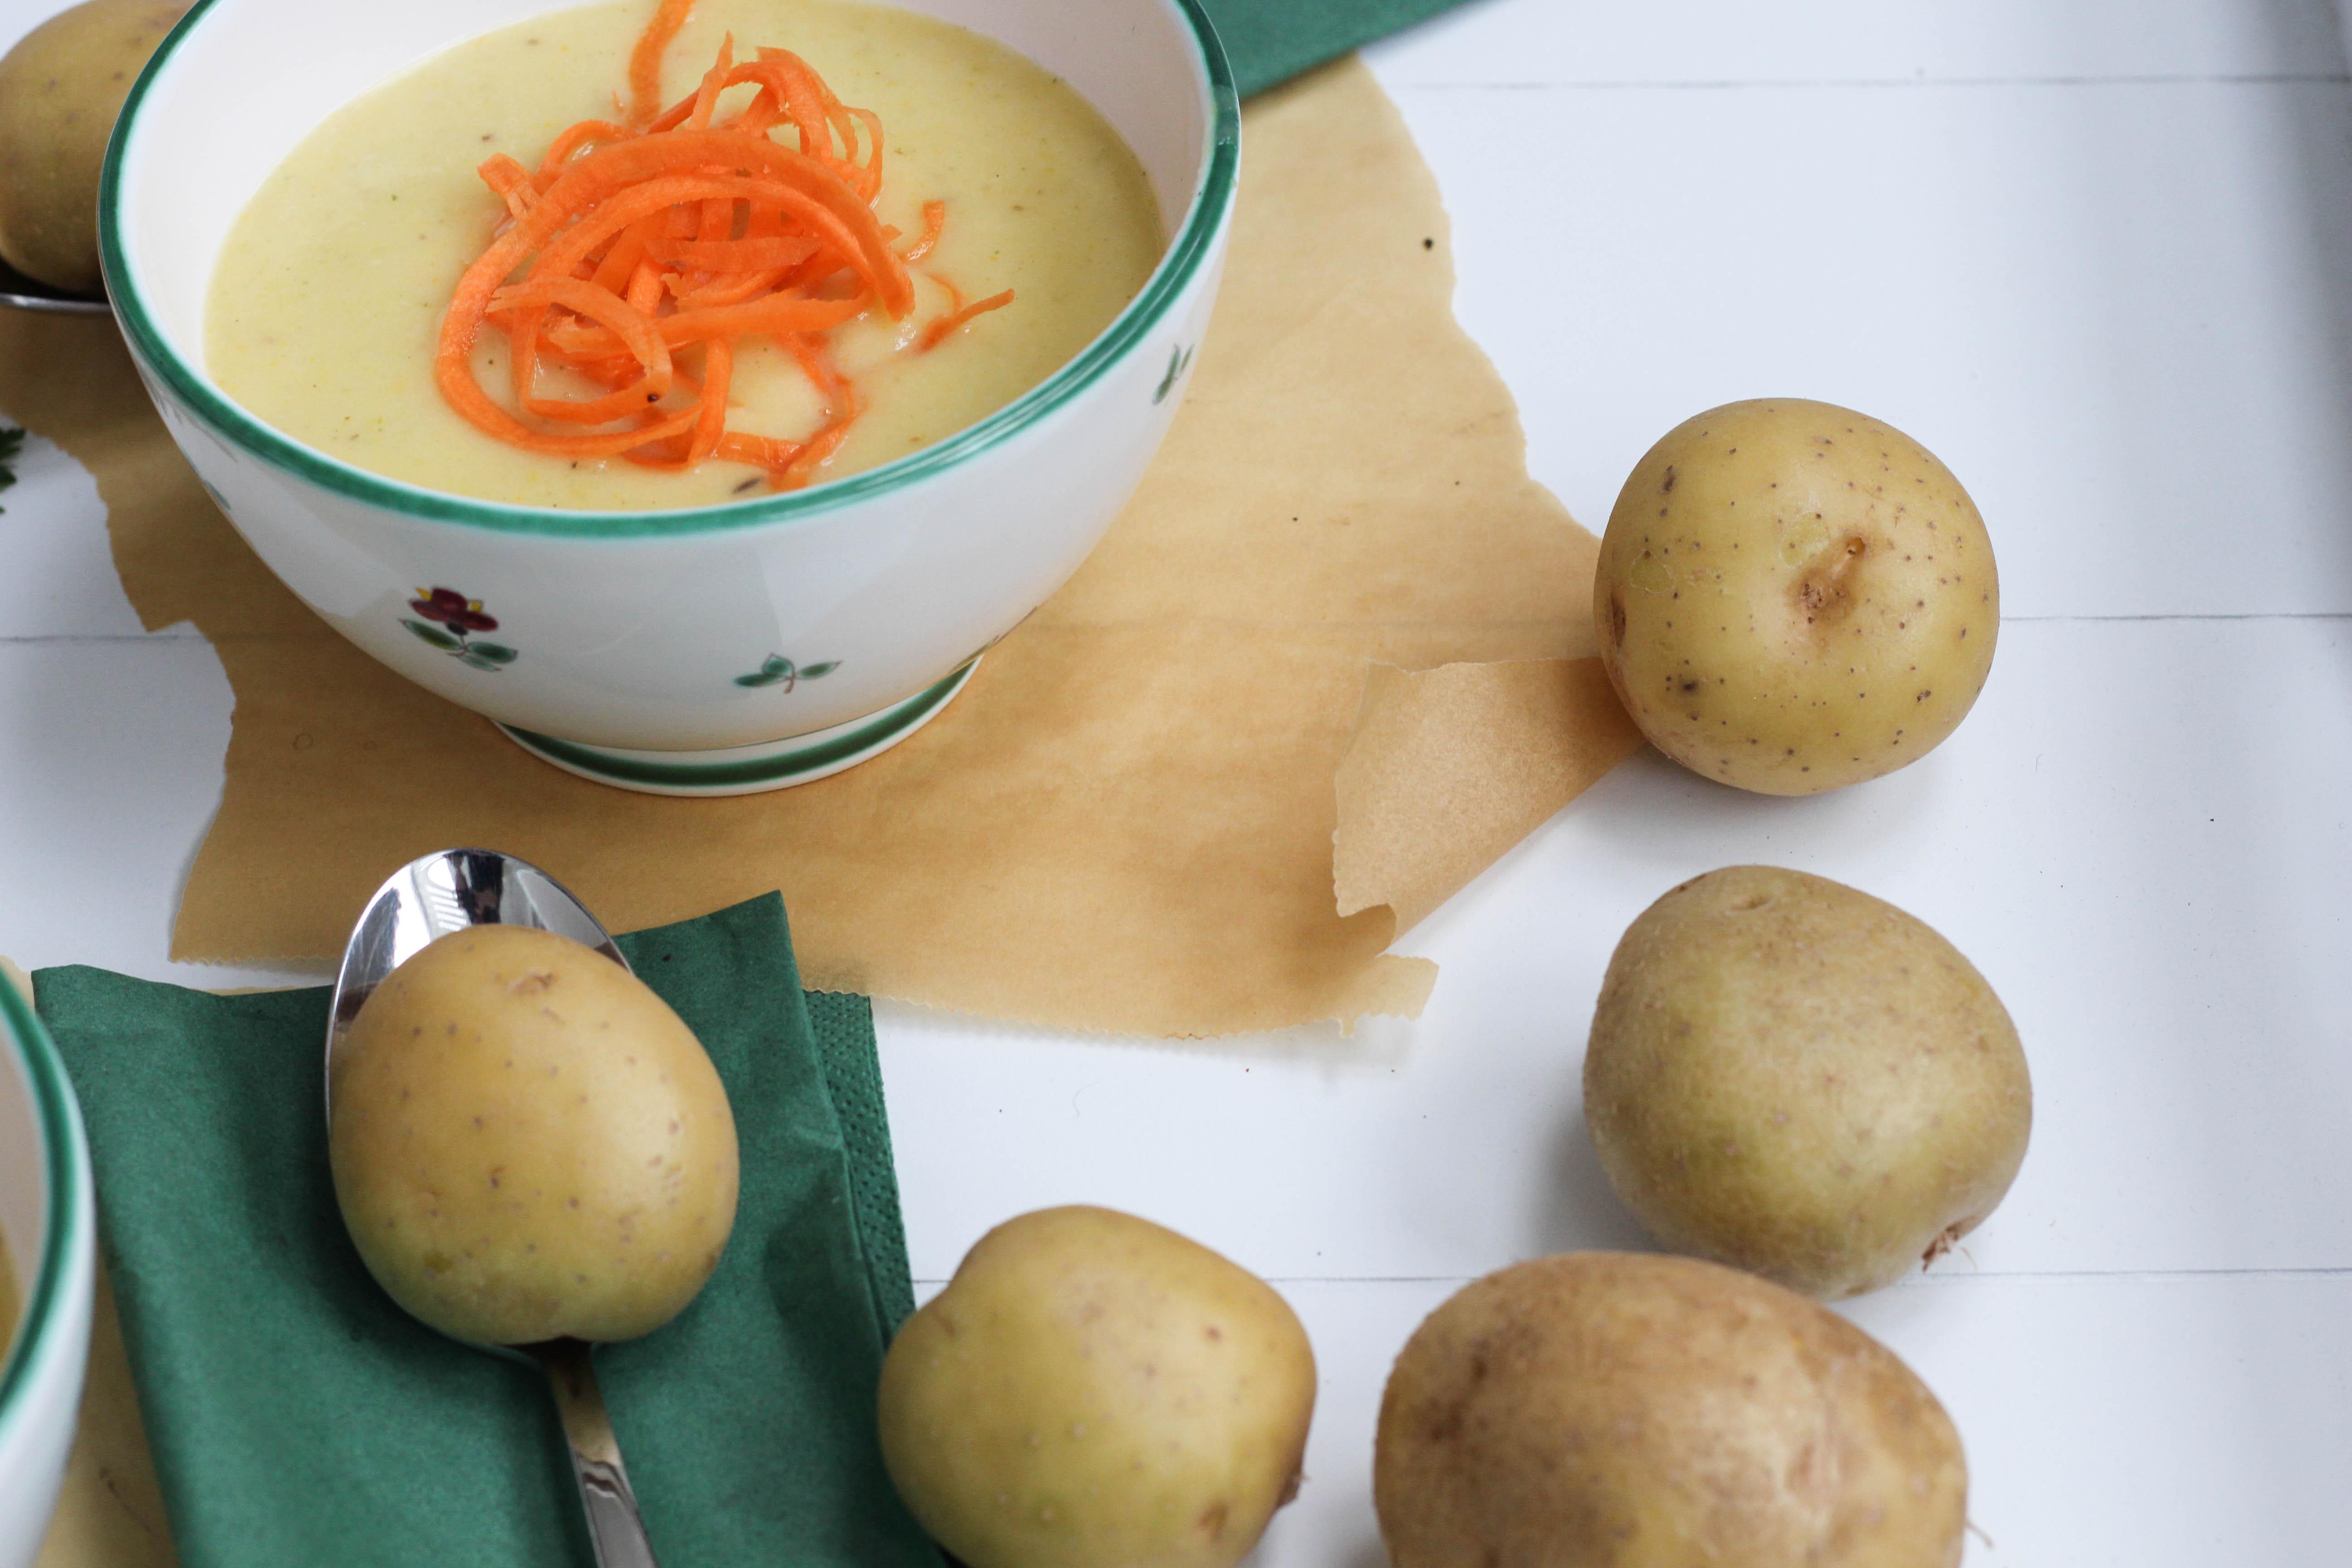 vegan-erdaepfelsuppe-kartoffel-suppe-homespa-plantbased-1-von-1-2